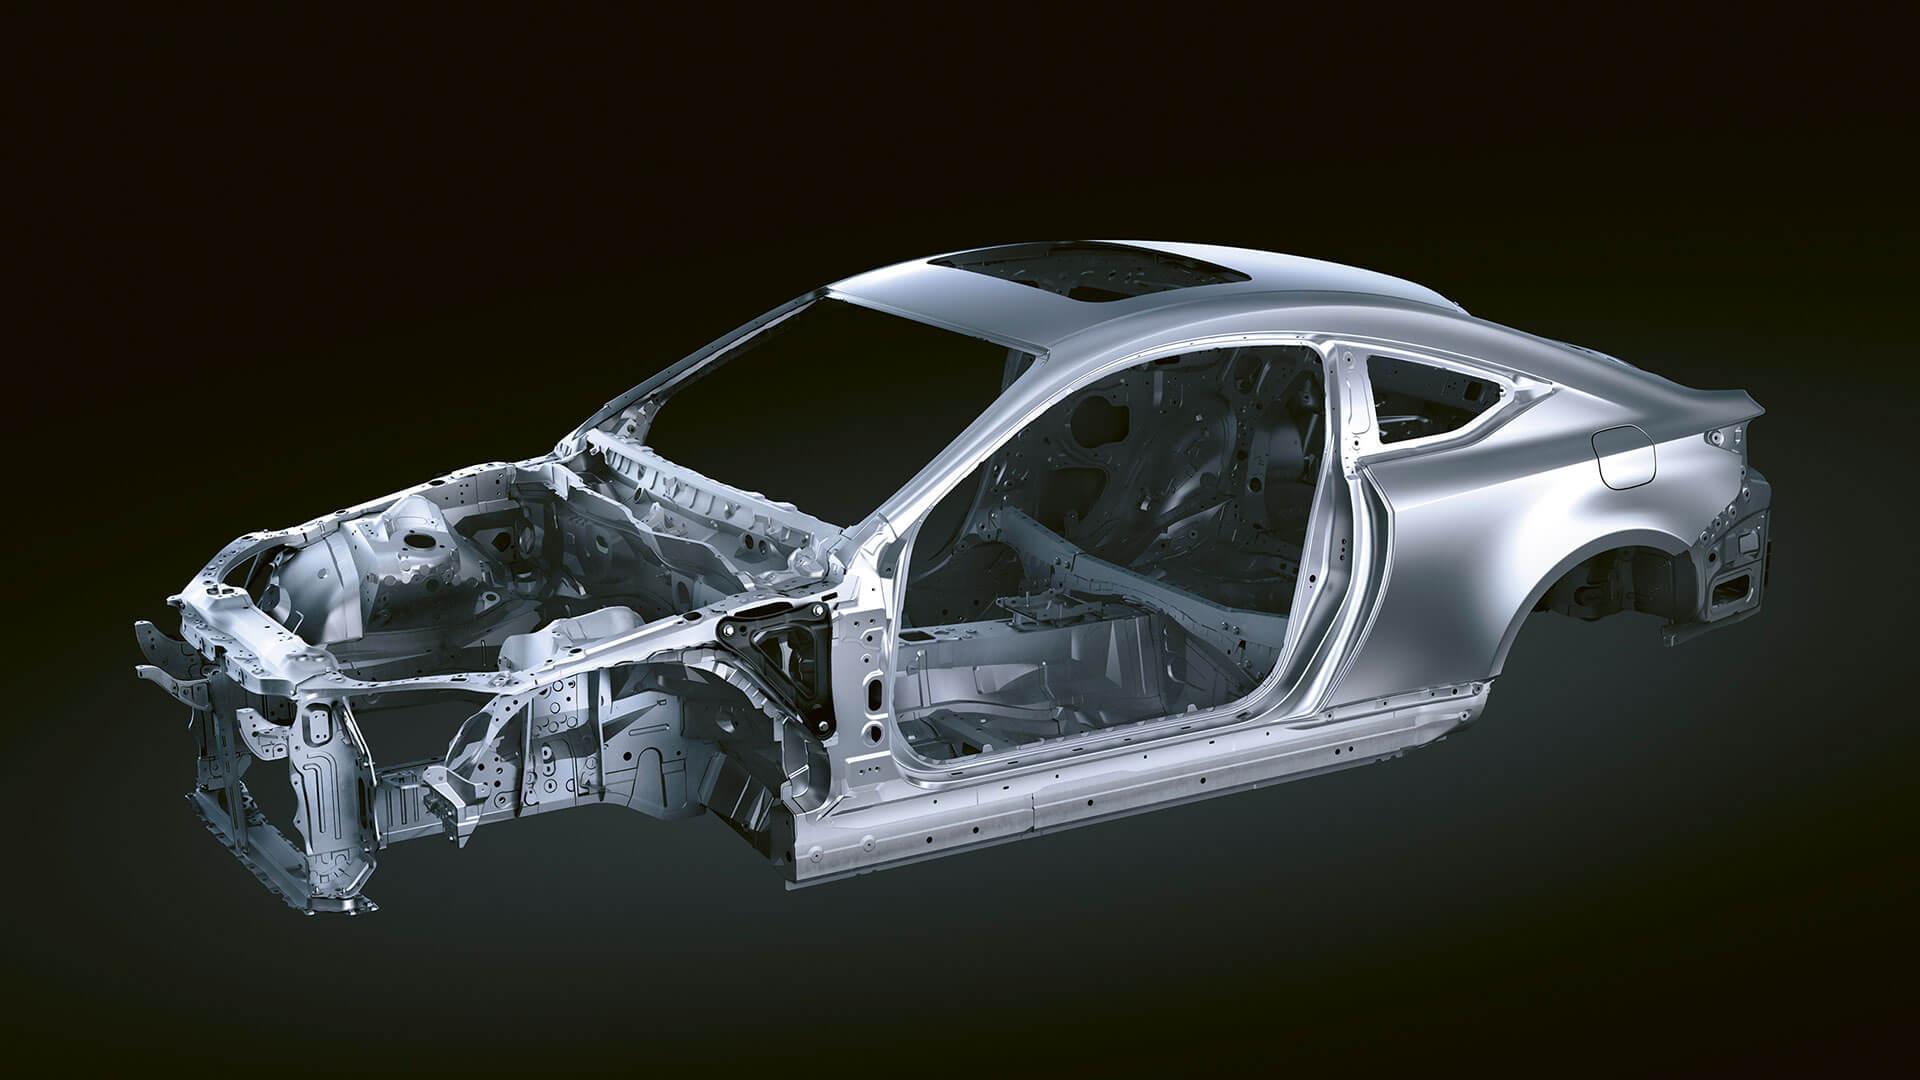 2018 lexus rc hotspot rigis chassis 1920c1080